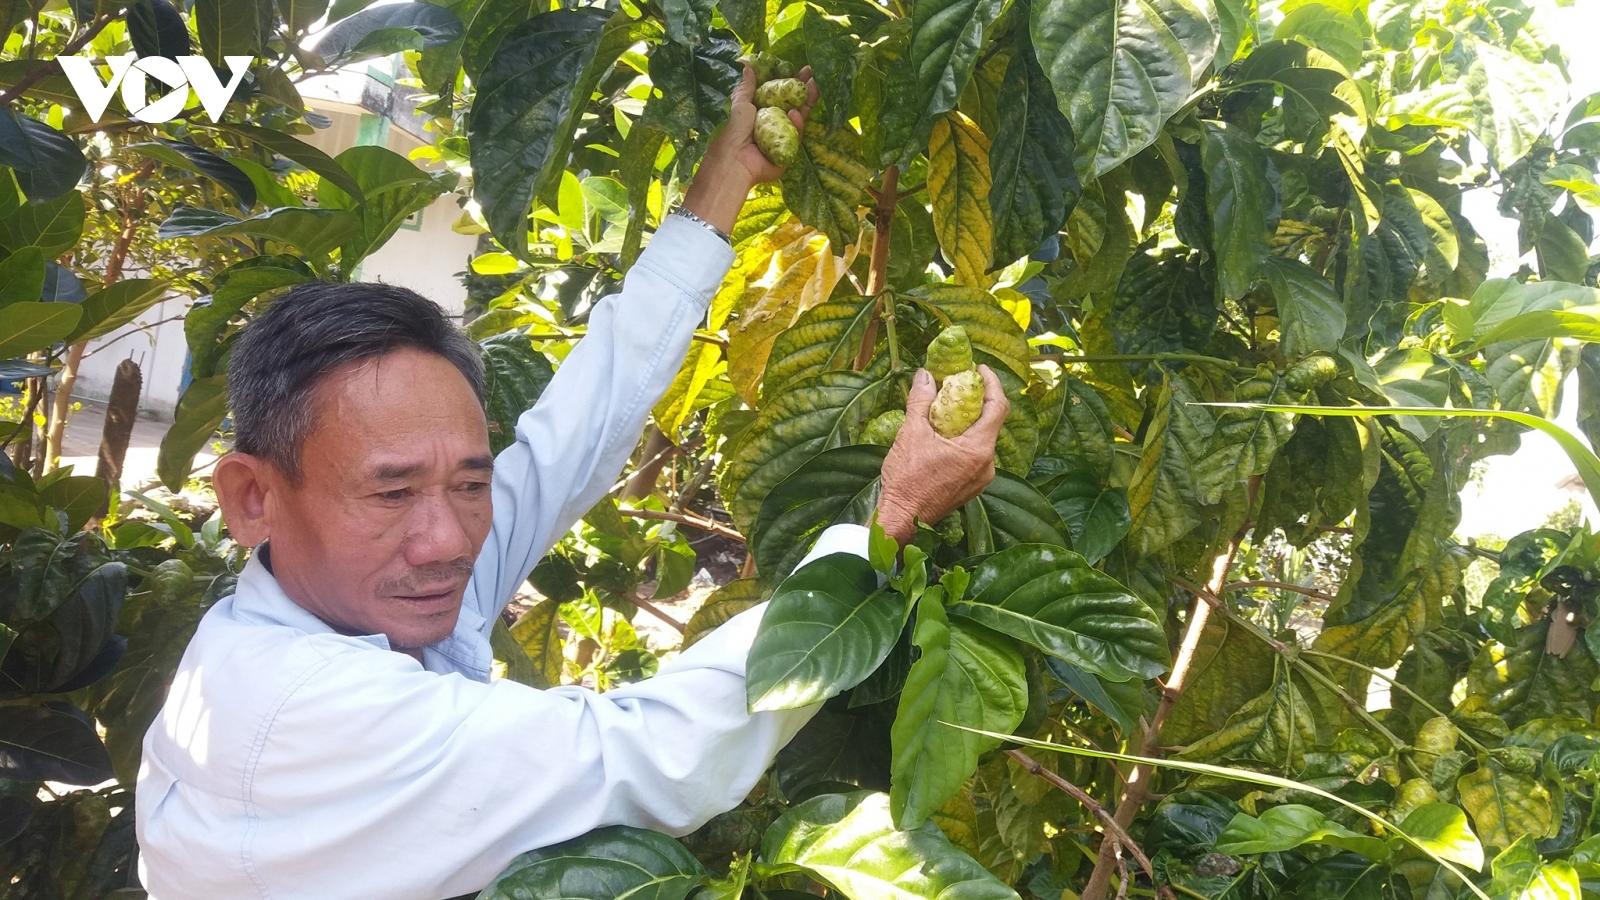 Nông dân Tiền Giang đốn bỏ cây nhàu do không có đầu ra